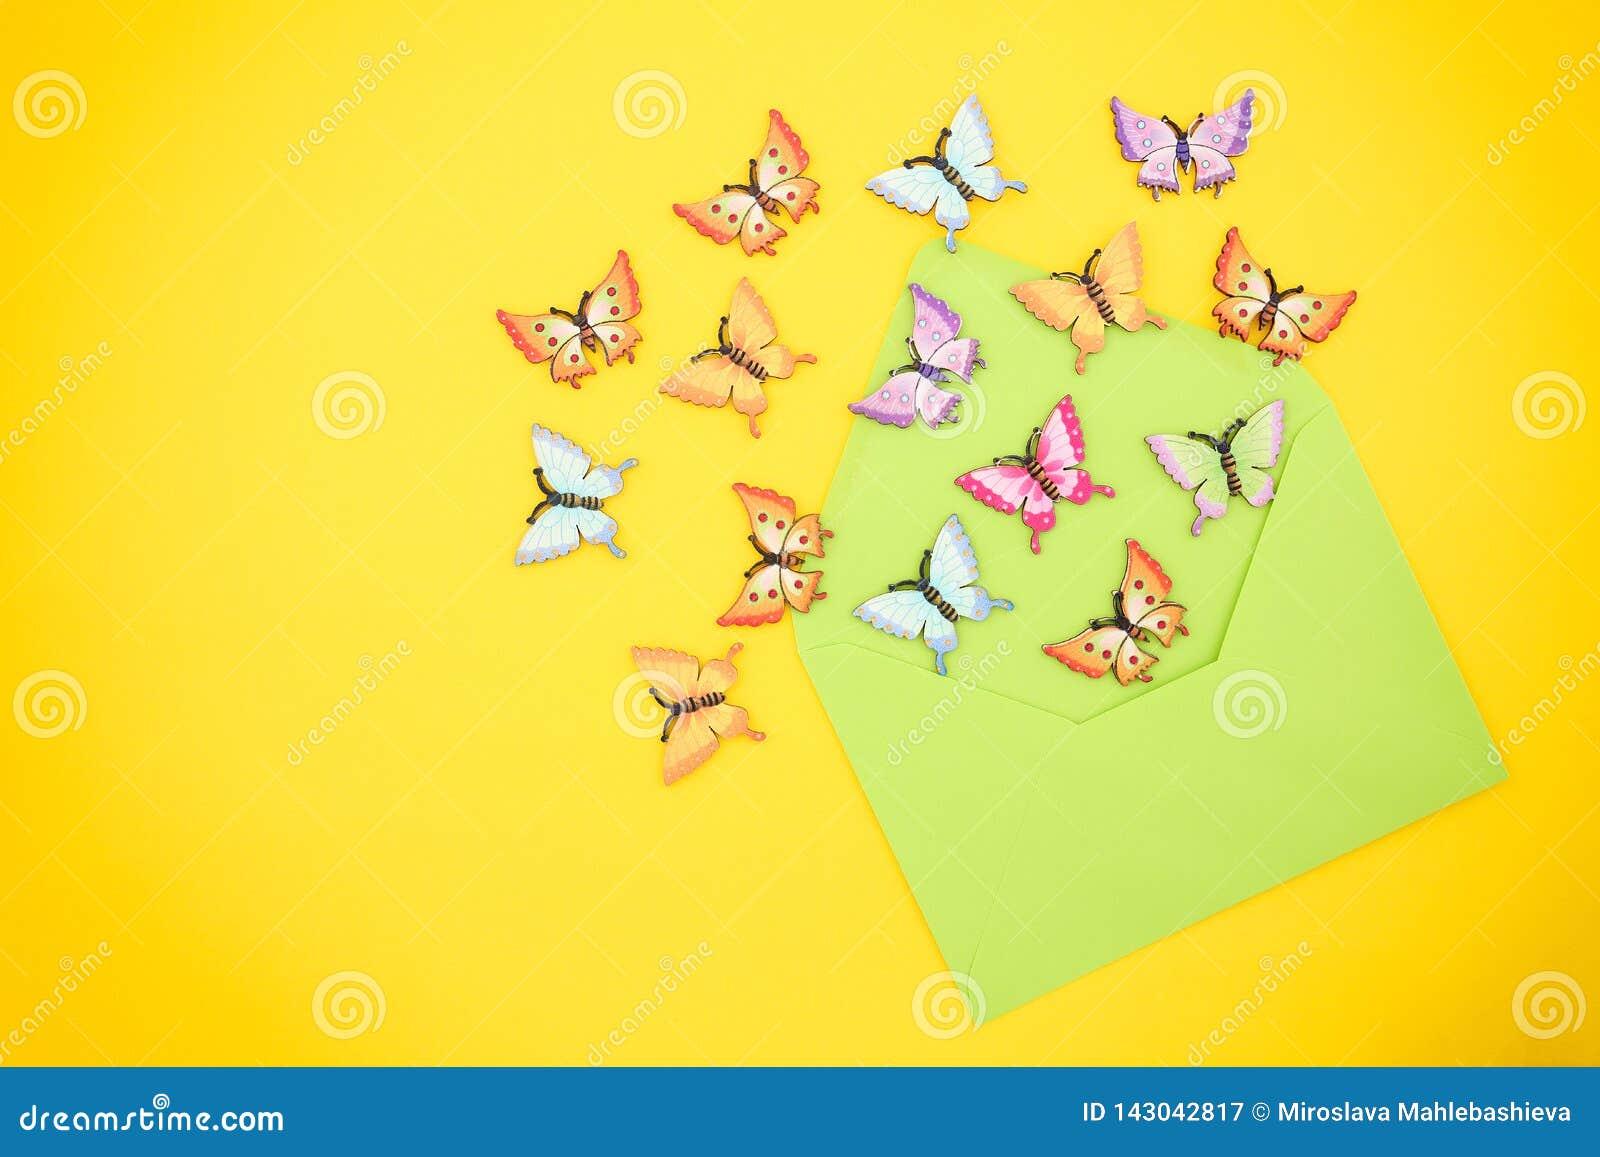 Draufsicht von den dekorativen, mehrfarbigen Schmetterlingen, die aus einen offenen, grünen Umschlag vom Recyclingpapier auf eine